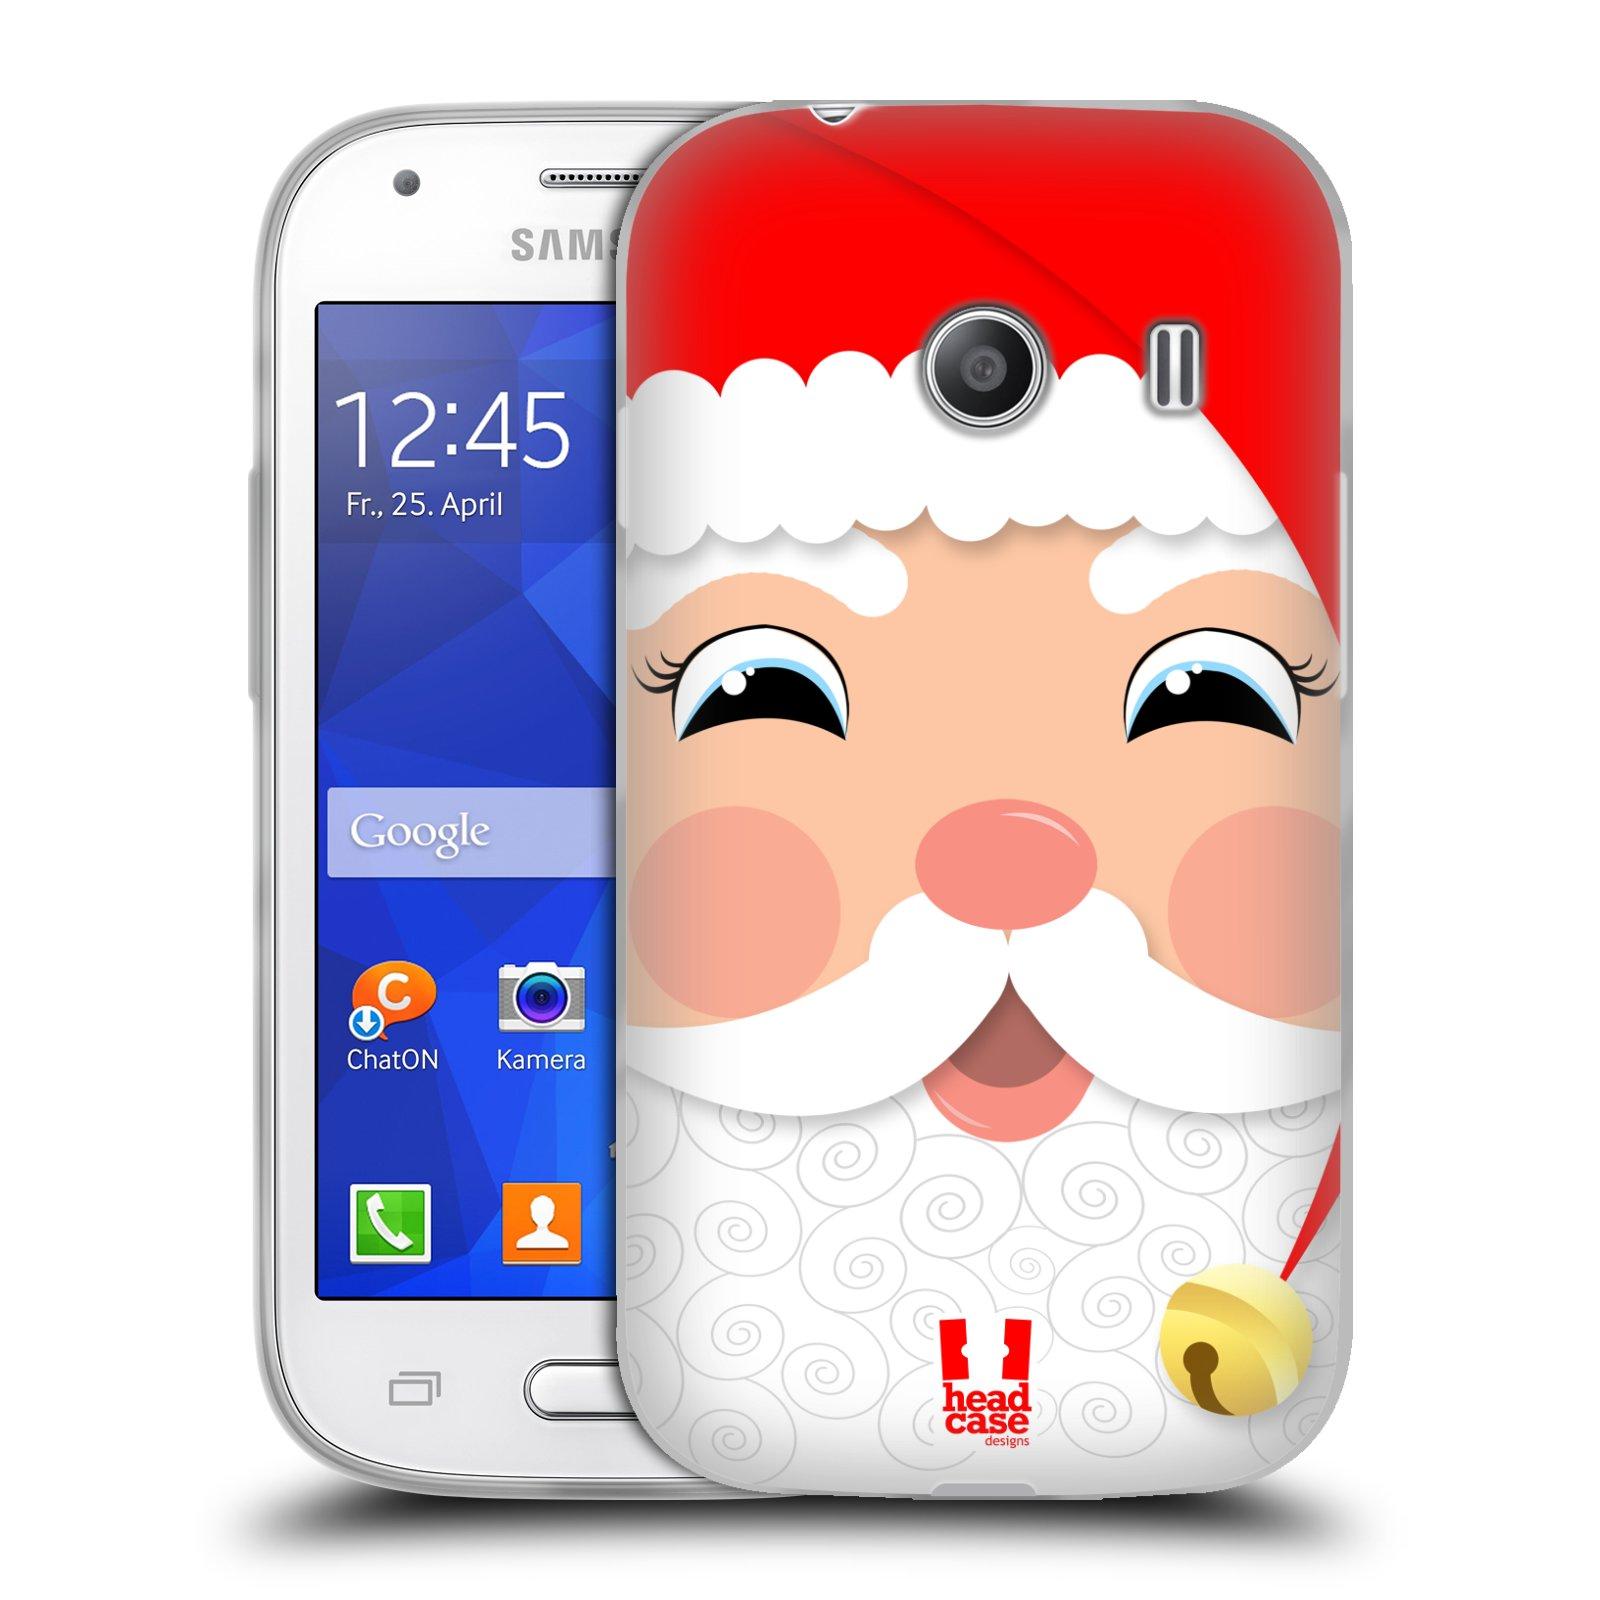 HEAD CASE silikonový obal na mobil Samsung Galaxy Ace Style (G310) vzor Vánoční tváře kreslené SANTA CLAUS